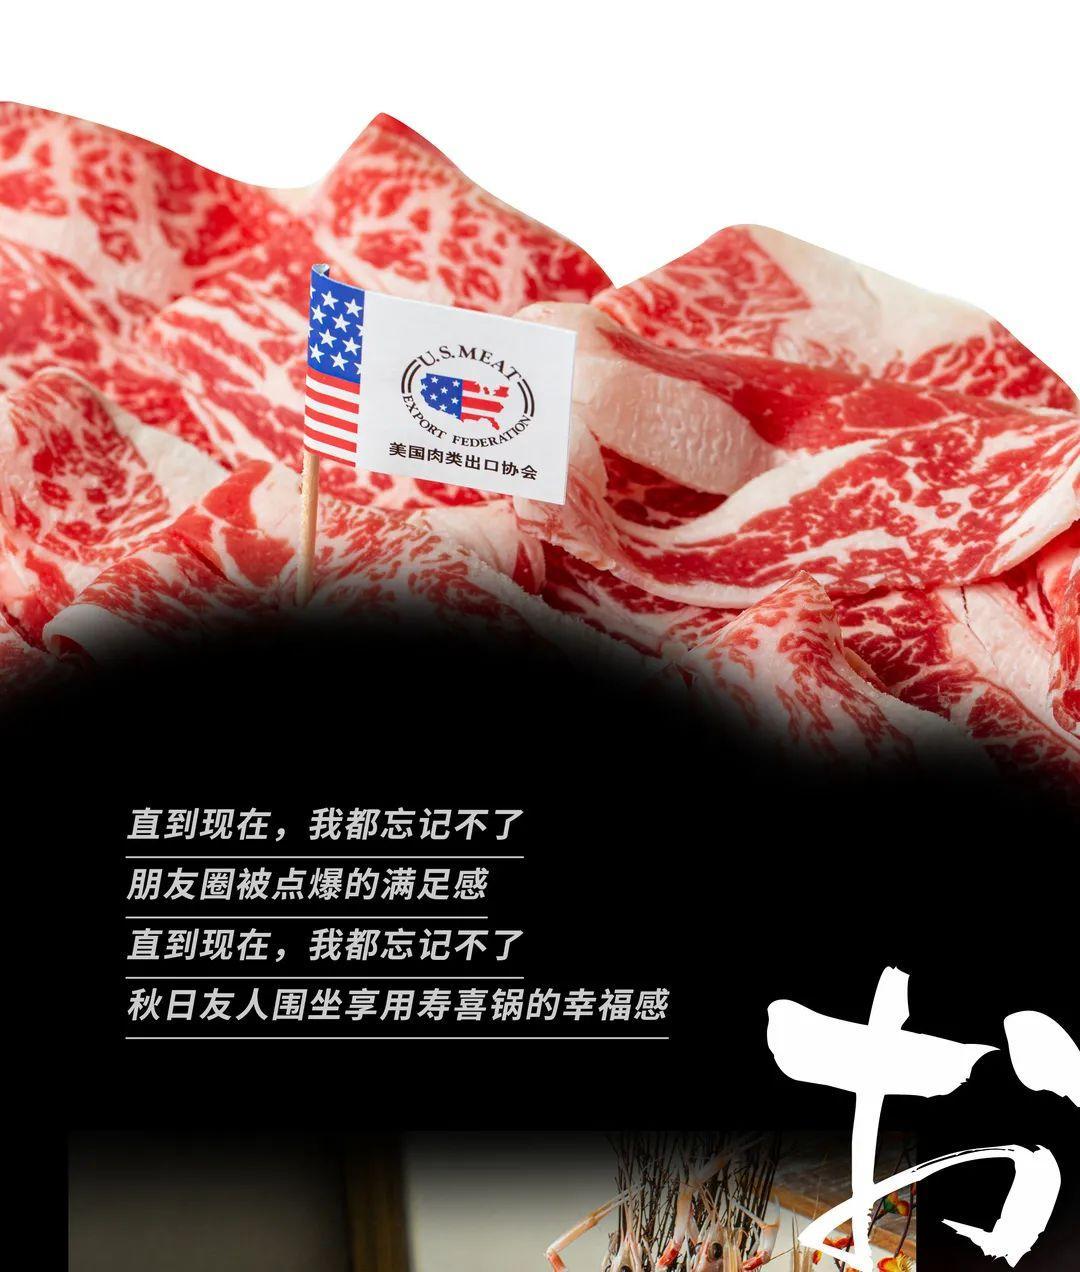 2020年实现雪花牛肉自由,全靠TA了!(图2)